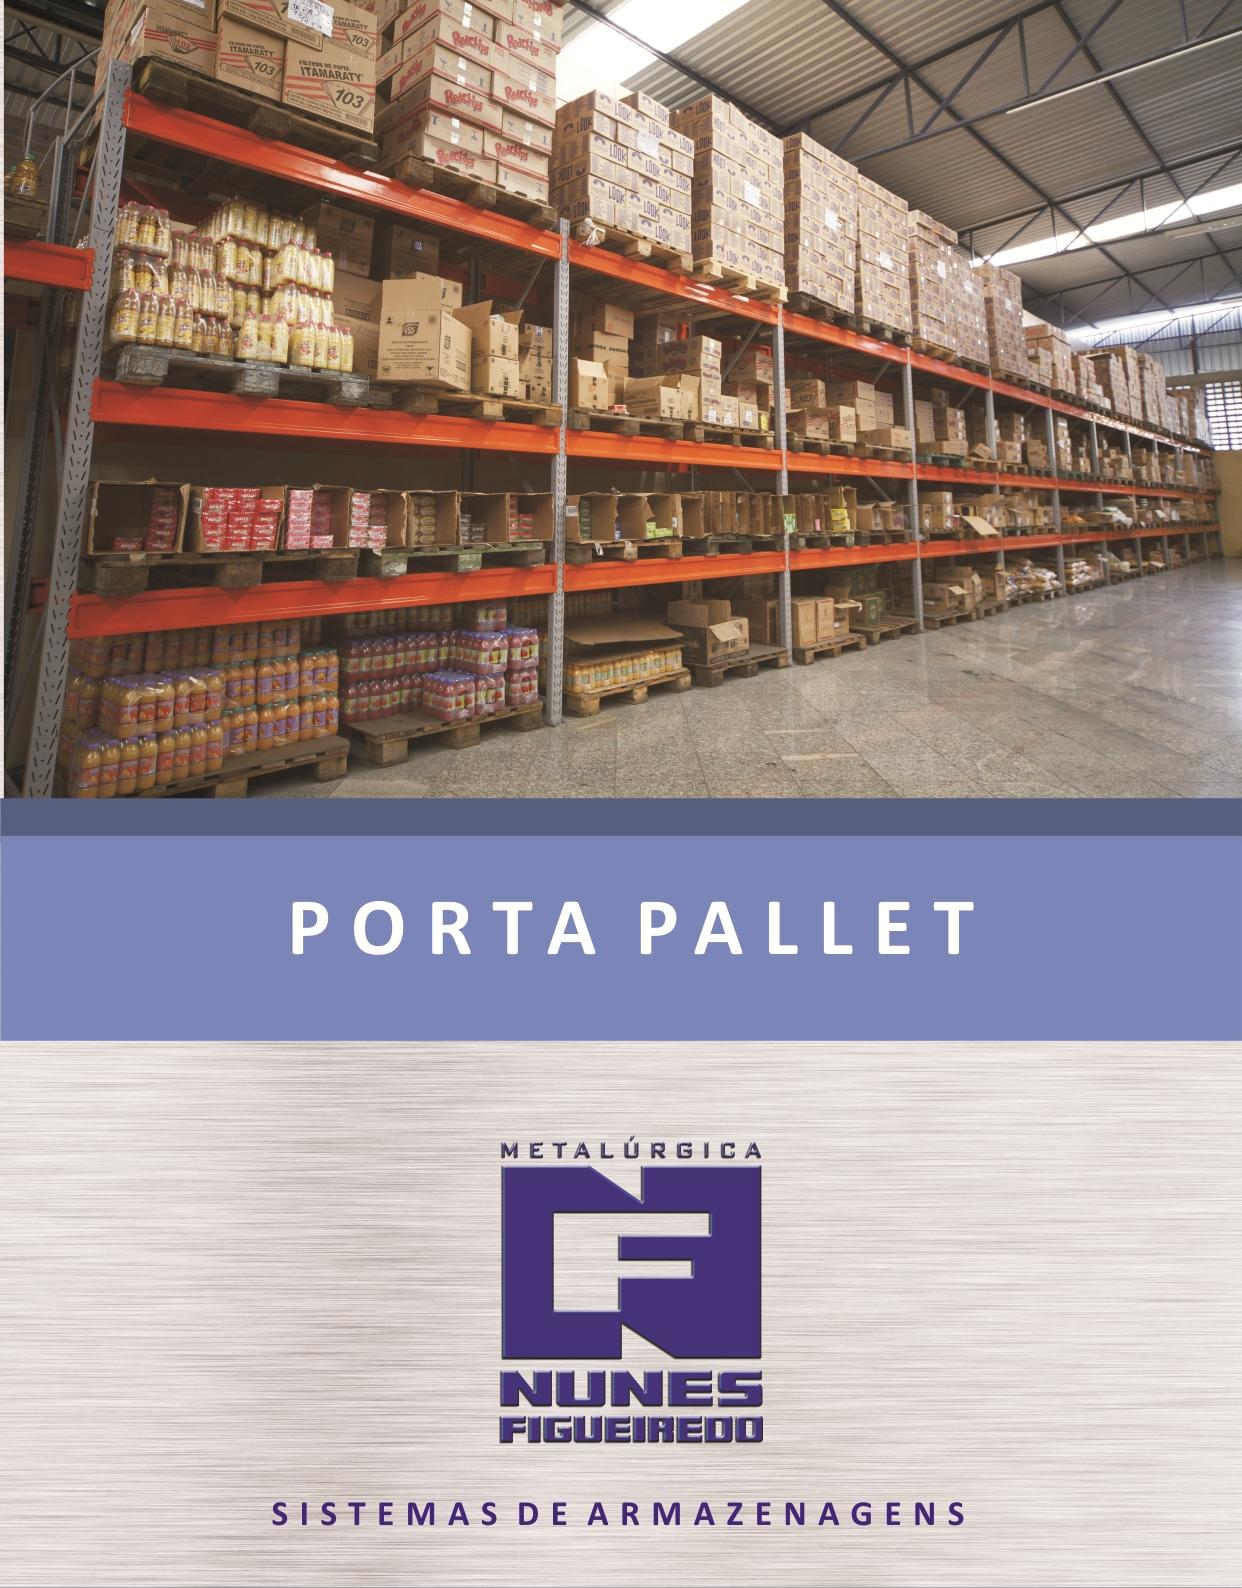 PORTA PALLETS E SISTEMAS DE ARMAZENAGEM METALÚRGICA NUNES FIGUEIREDO  #A54926 1242x1588